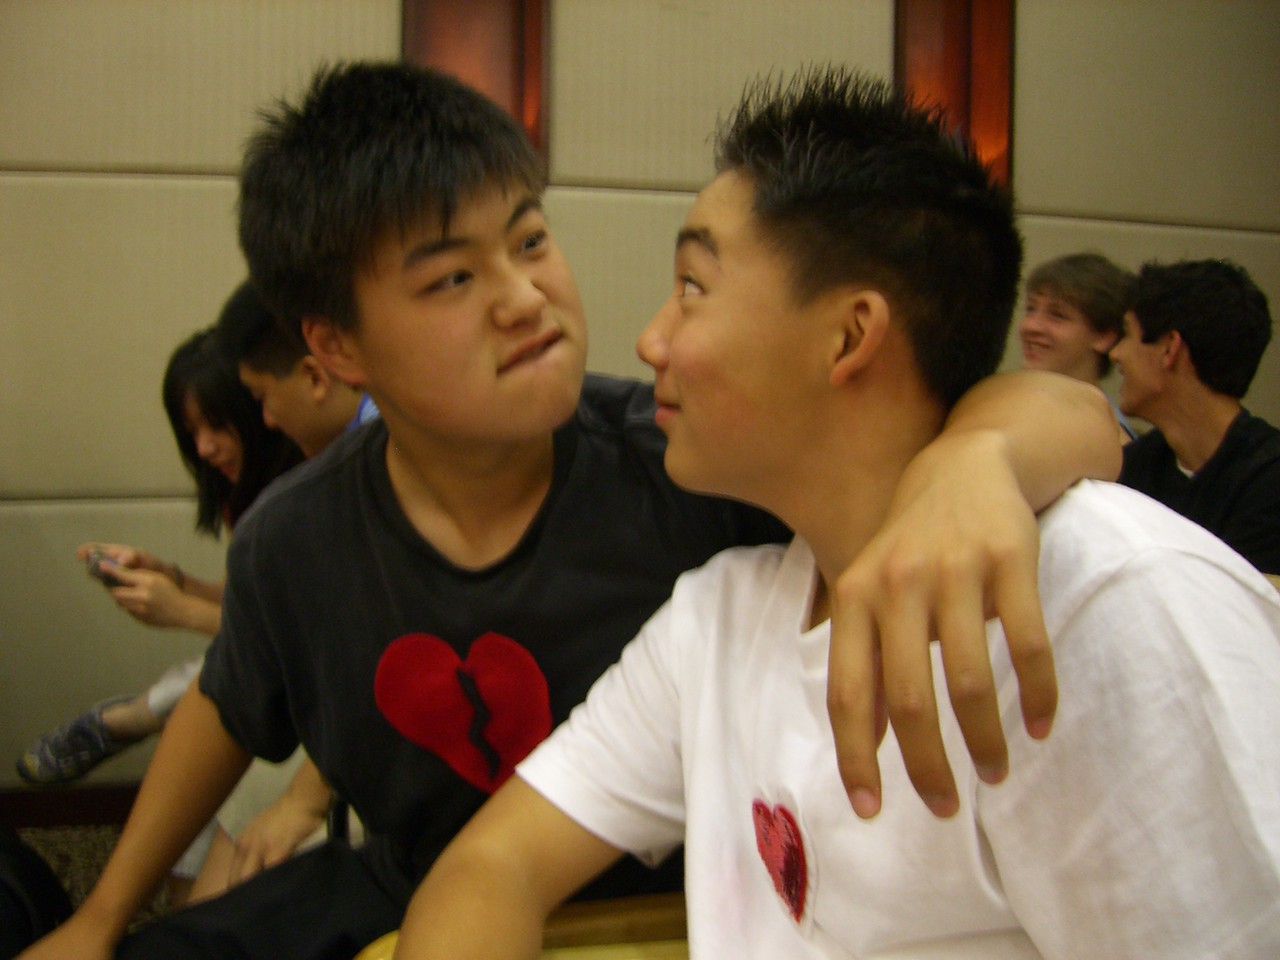 2006 07 16 Sun - Yong Jiang Hotel team prep meeting - Isaac Choi & Philip Lee